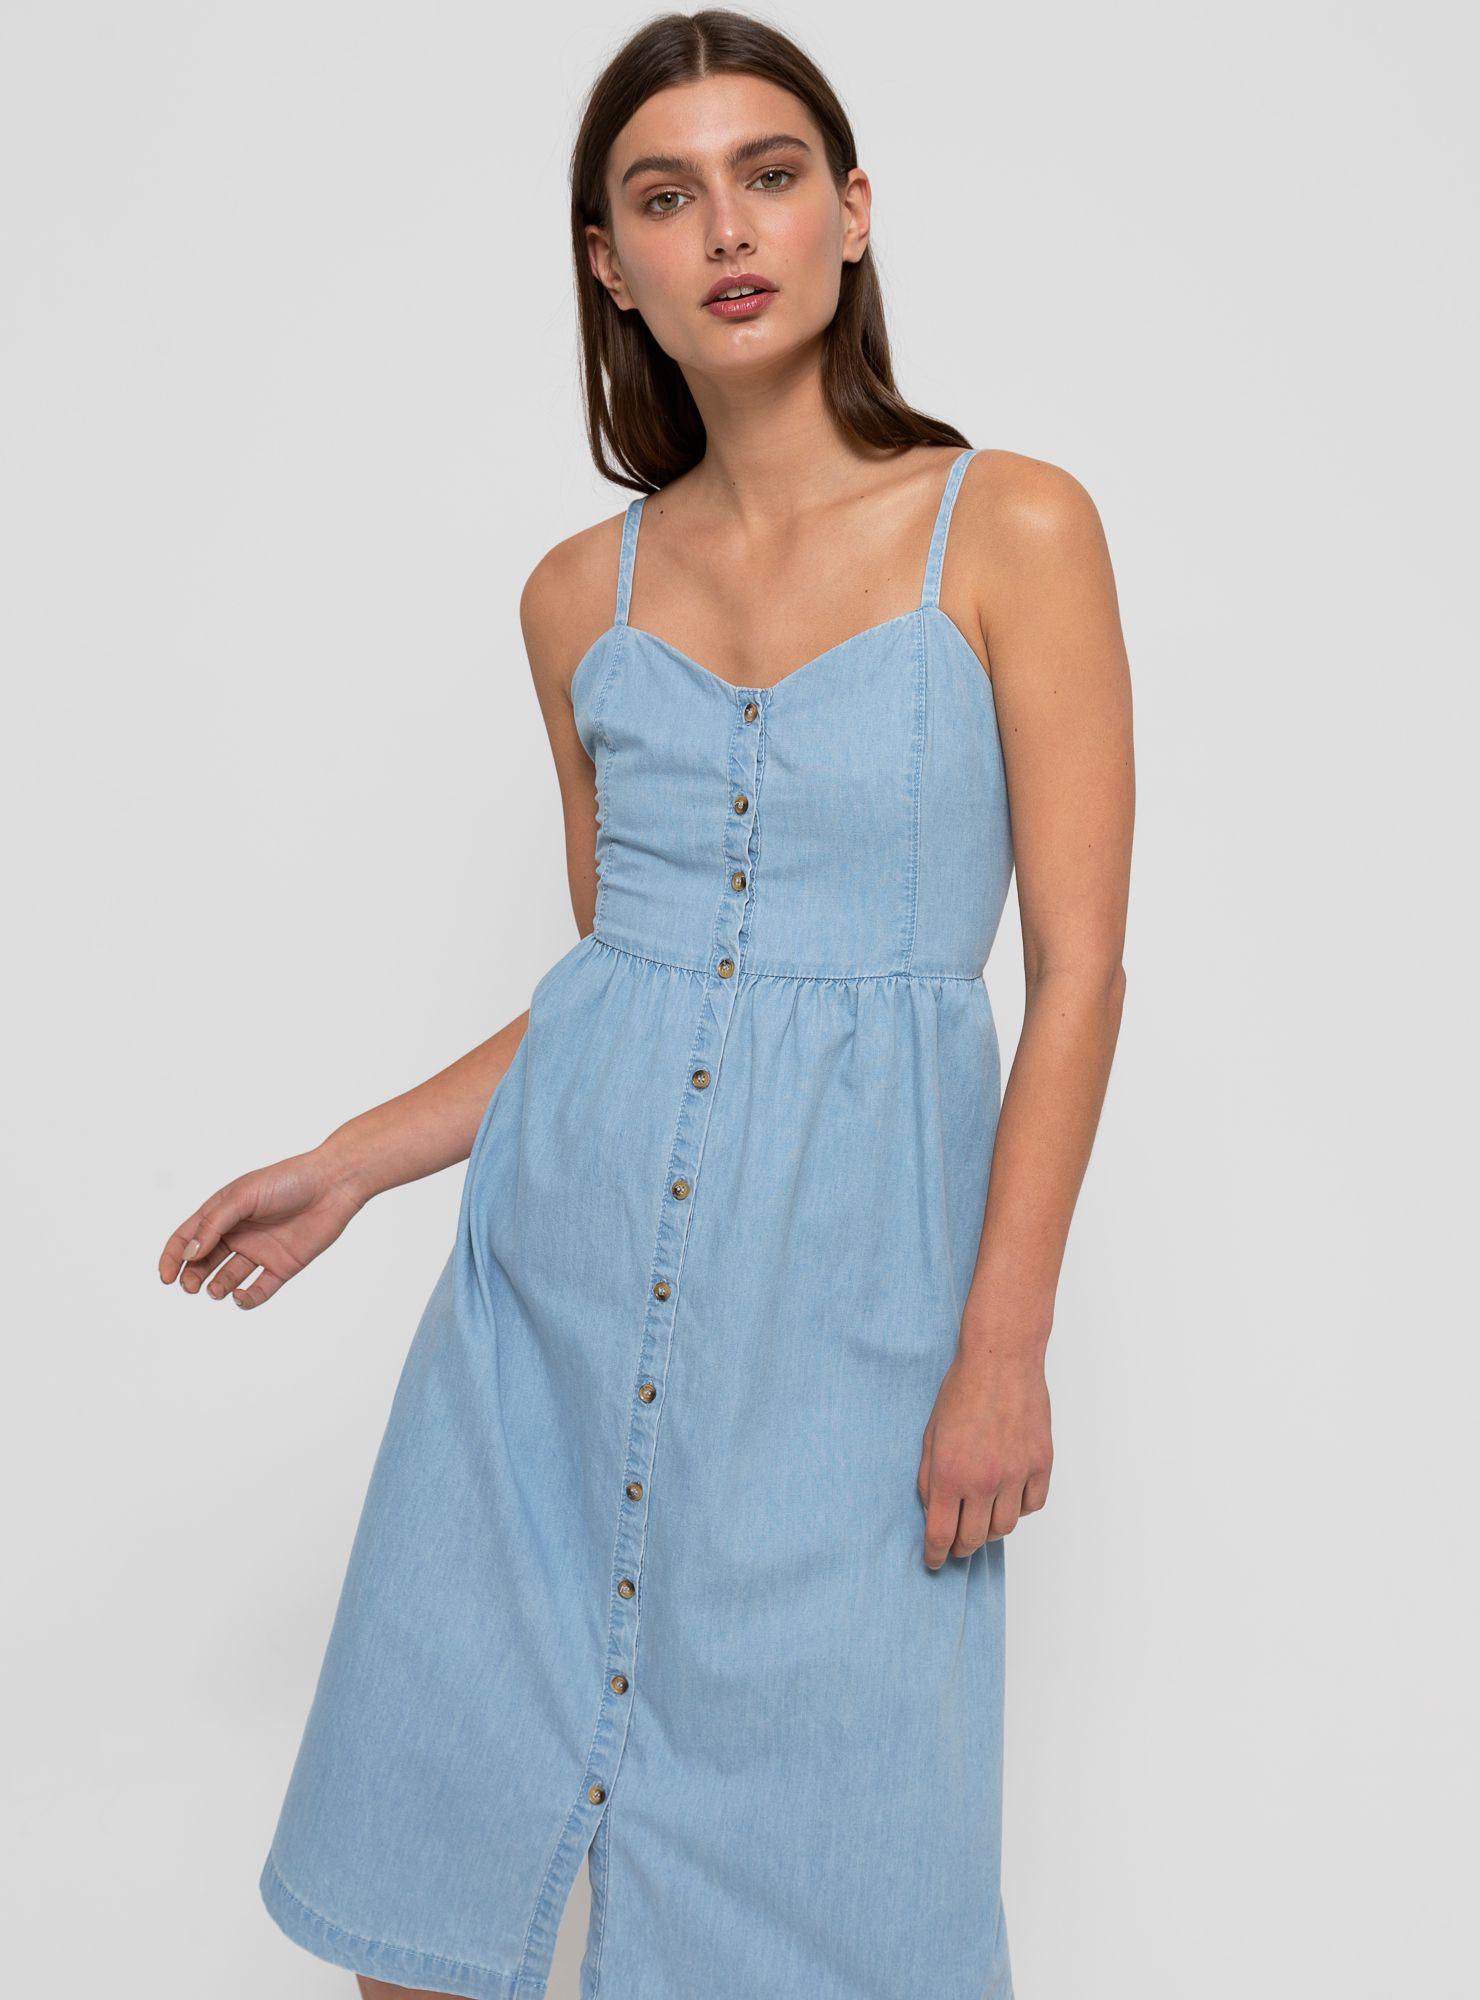 Vestidos de jean para gorditas